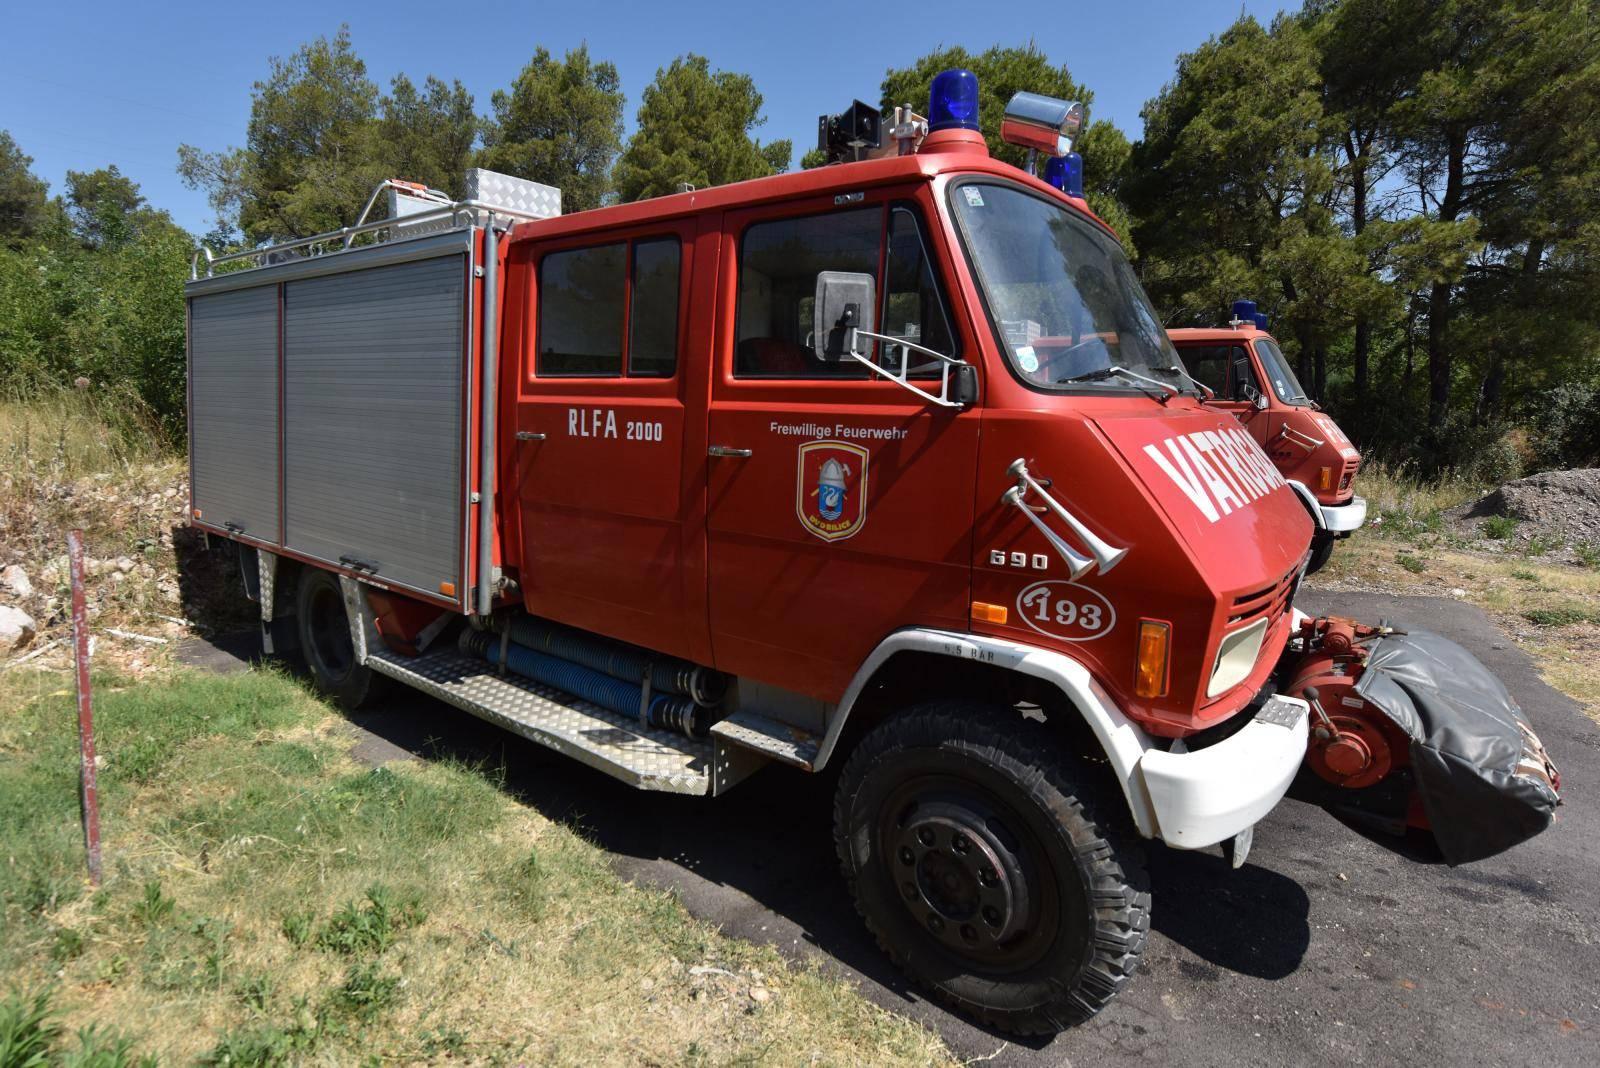 Nepoznati počinitelj ukrao  gorivo iz vatrgasnog vozila DVD Bilice, te u spremnik goriva ulio vodu